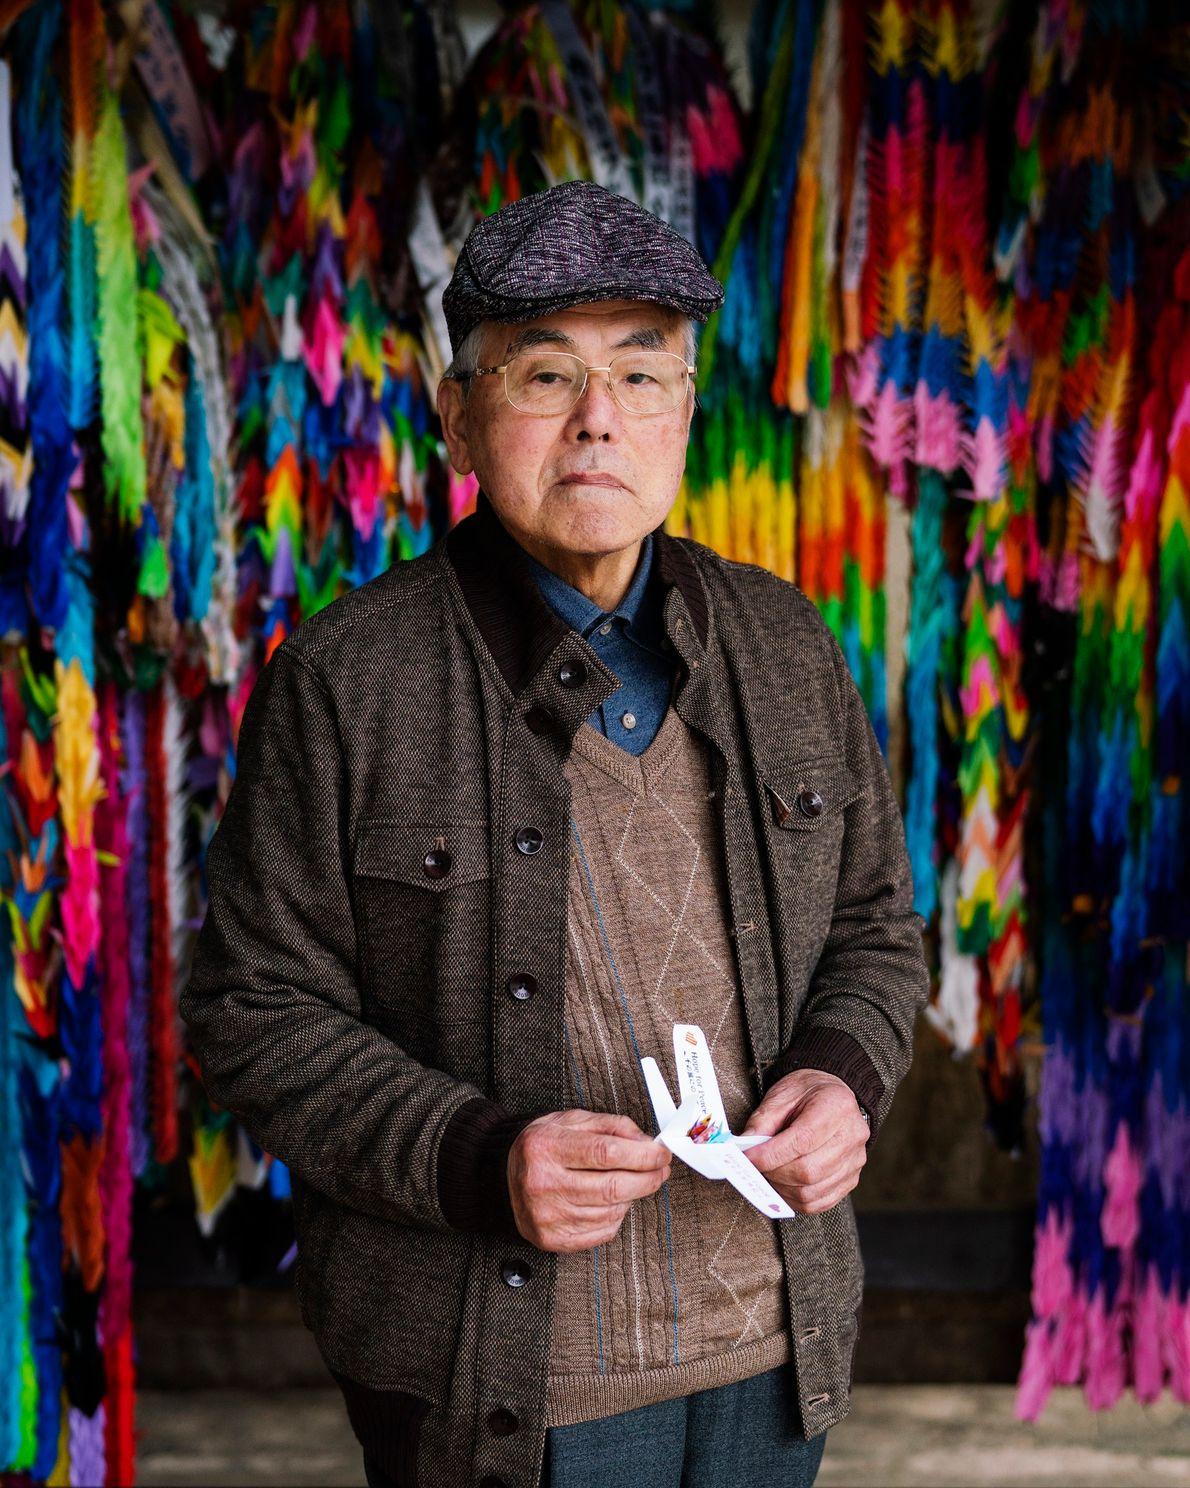 Shoso Kawamoto tenía 11 años cuando murieron sus padres a causa de la bomba. Al igual ...